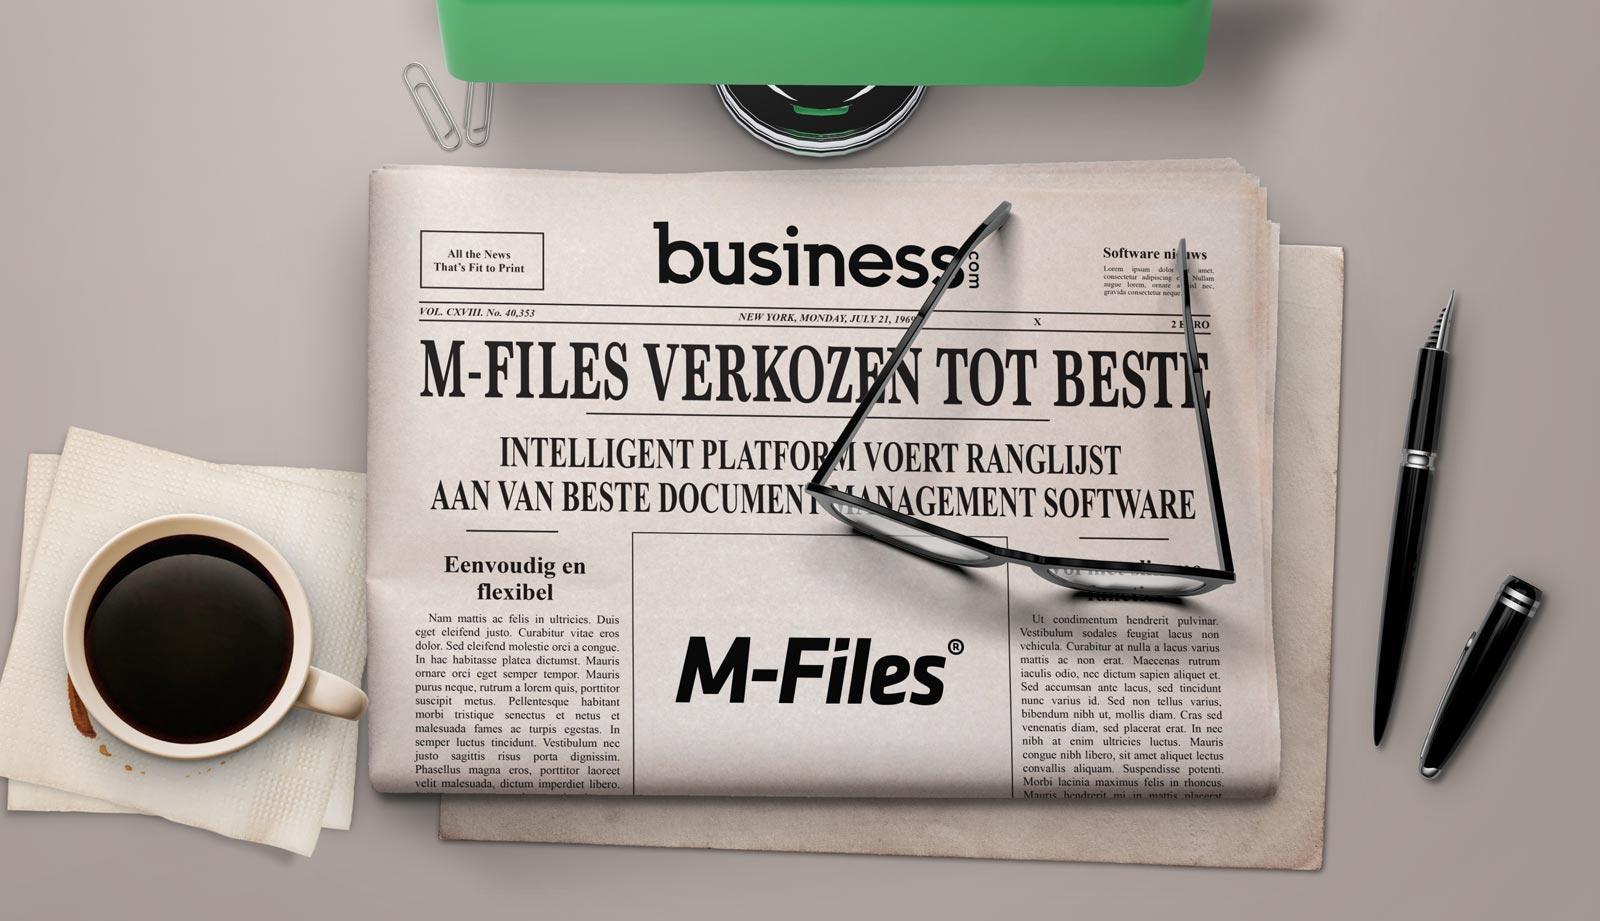 M-Files Bovenaan DMS Ranglijst